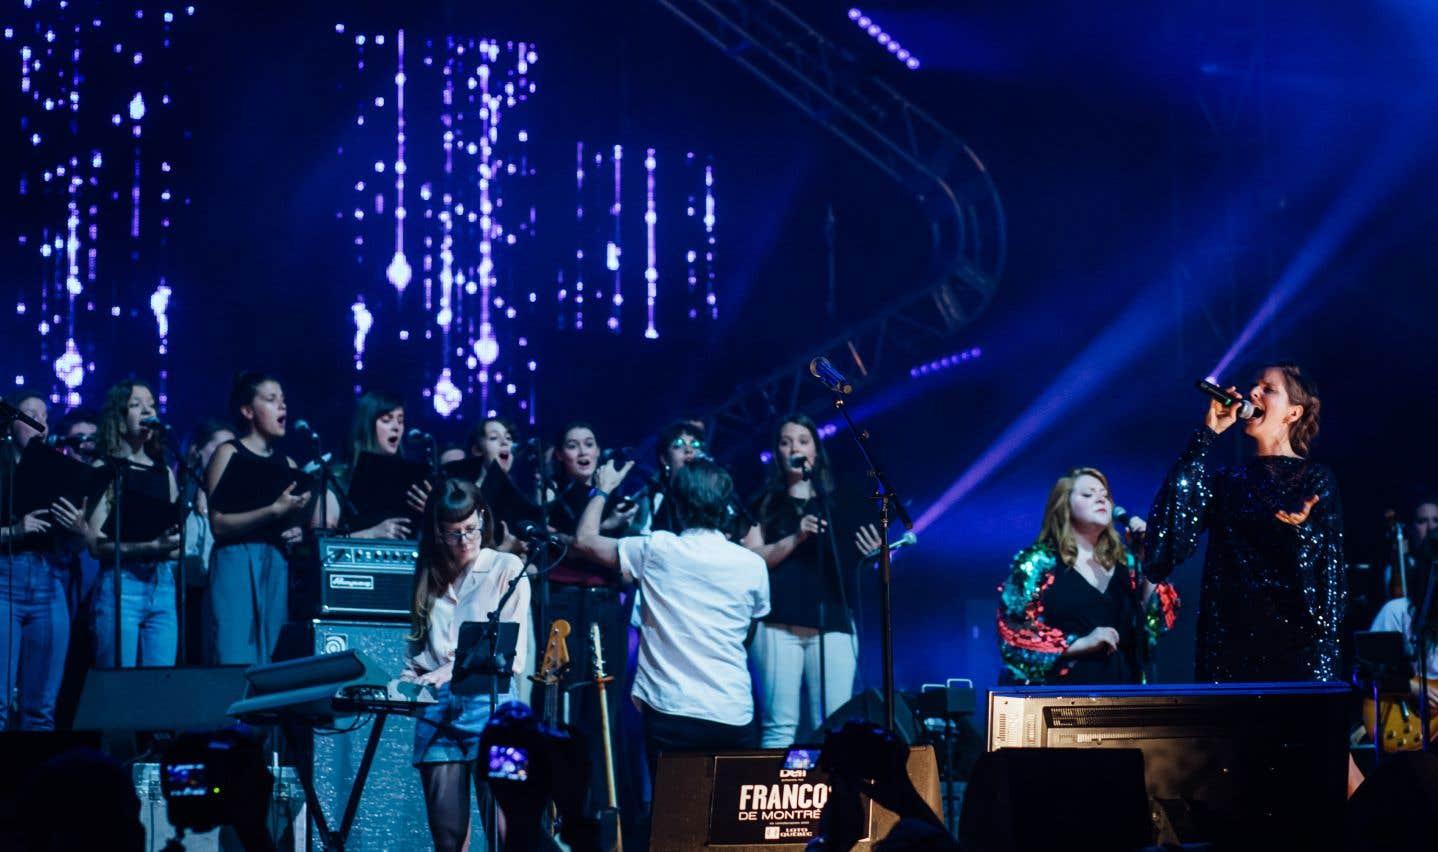 Klô Pelgag a interprété«L'île aux mimosas», composée par Barbara, lors duspectacle «La musique de Stone - Hommage à Plamondon».